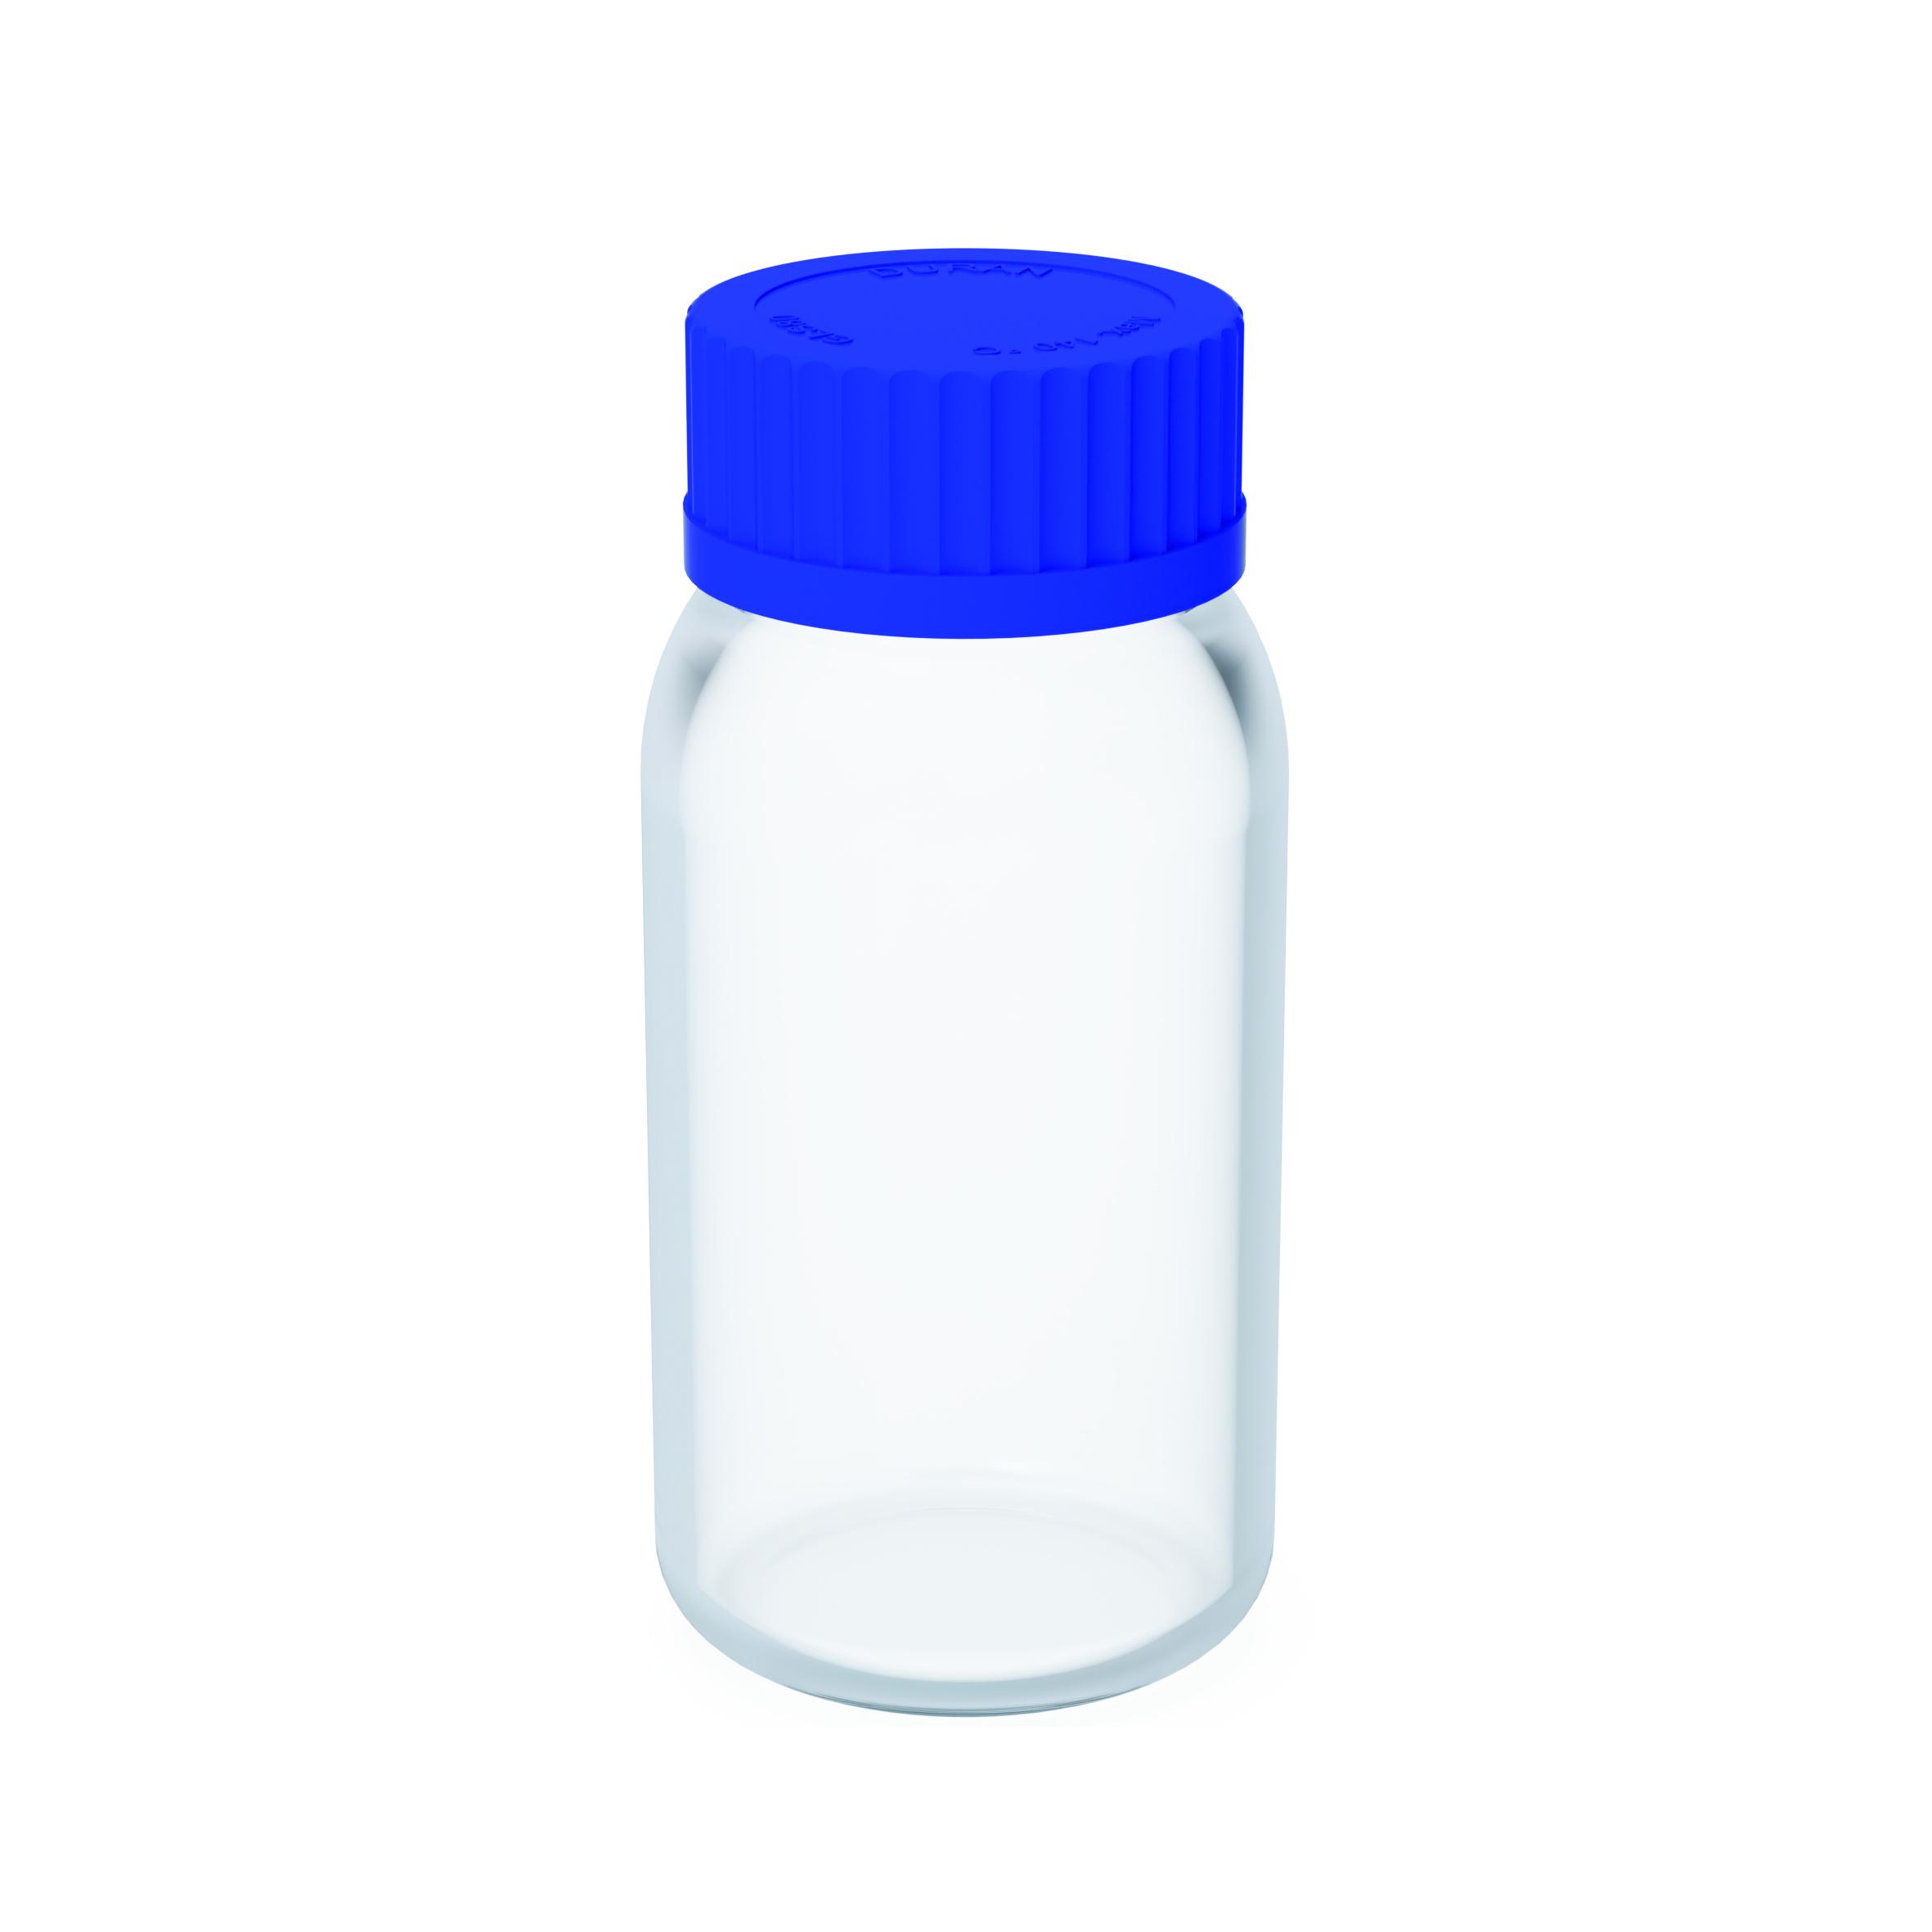 Laborflaschen  Laborglasflasche aus Borosilikatglas inklusive Verschlusskappe und Ausgießring aus PP. Verpacku